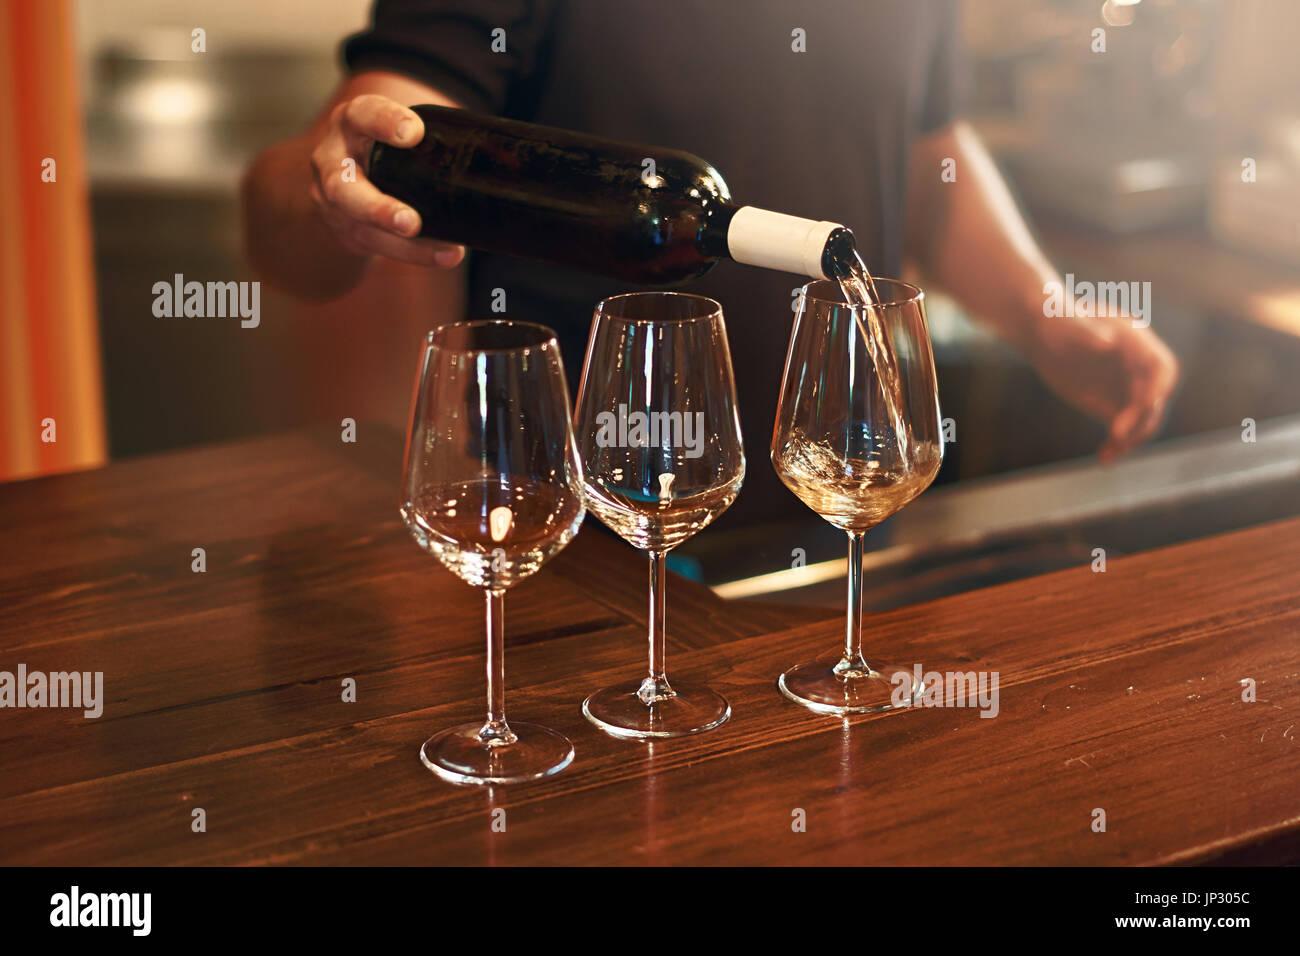 Sommelier verse pinot gris vin dans des verres pour une dégustation Photo Stock